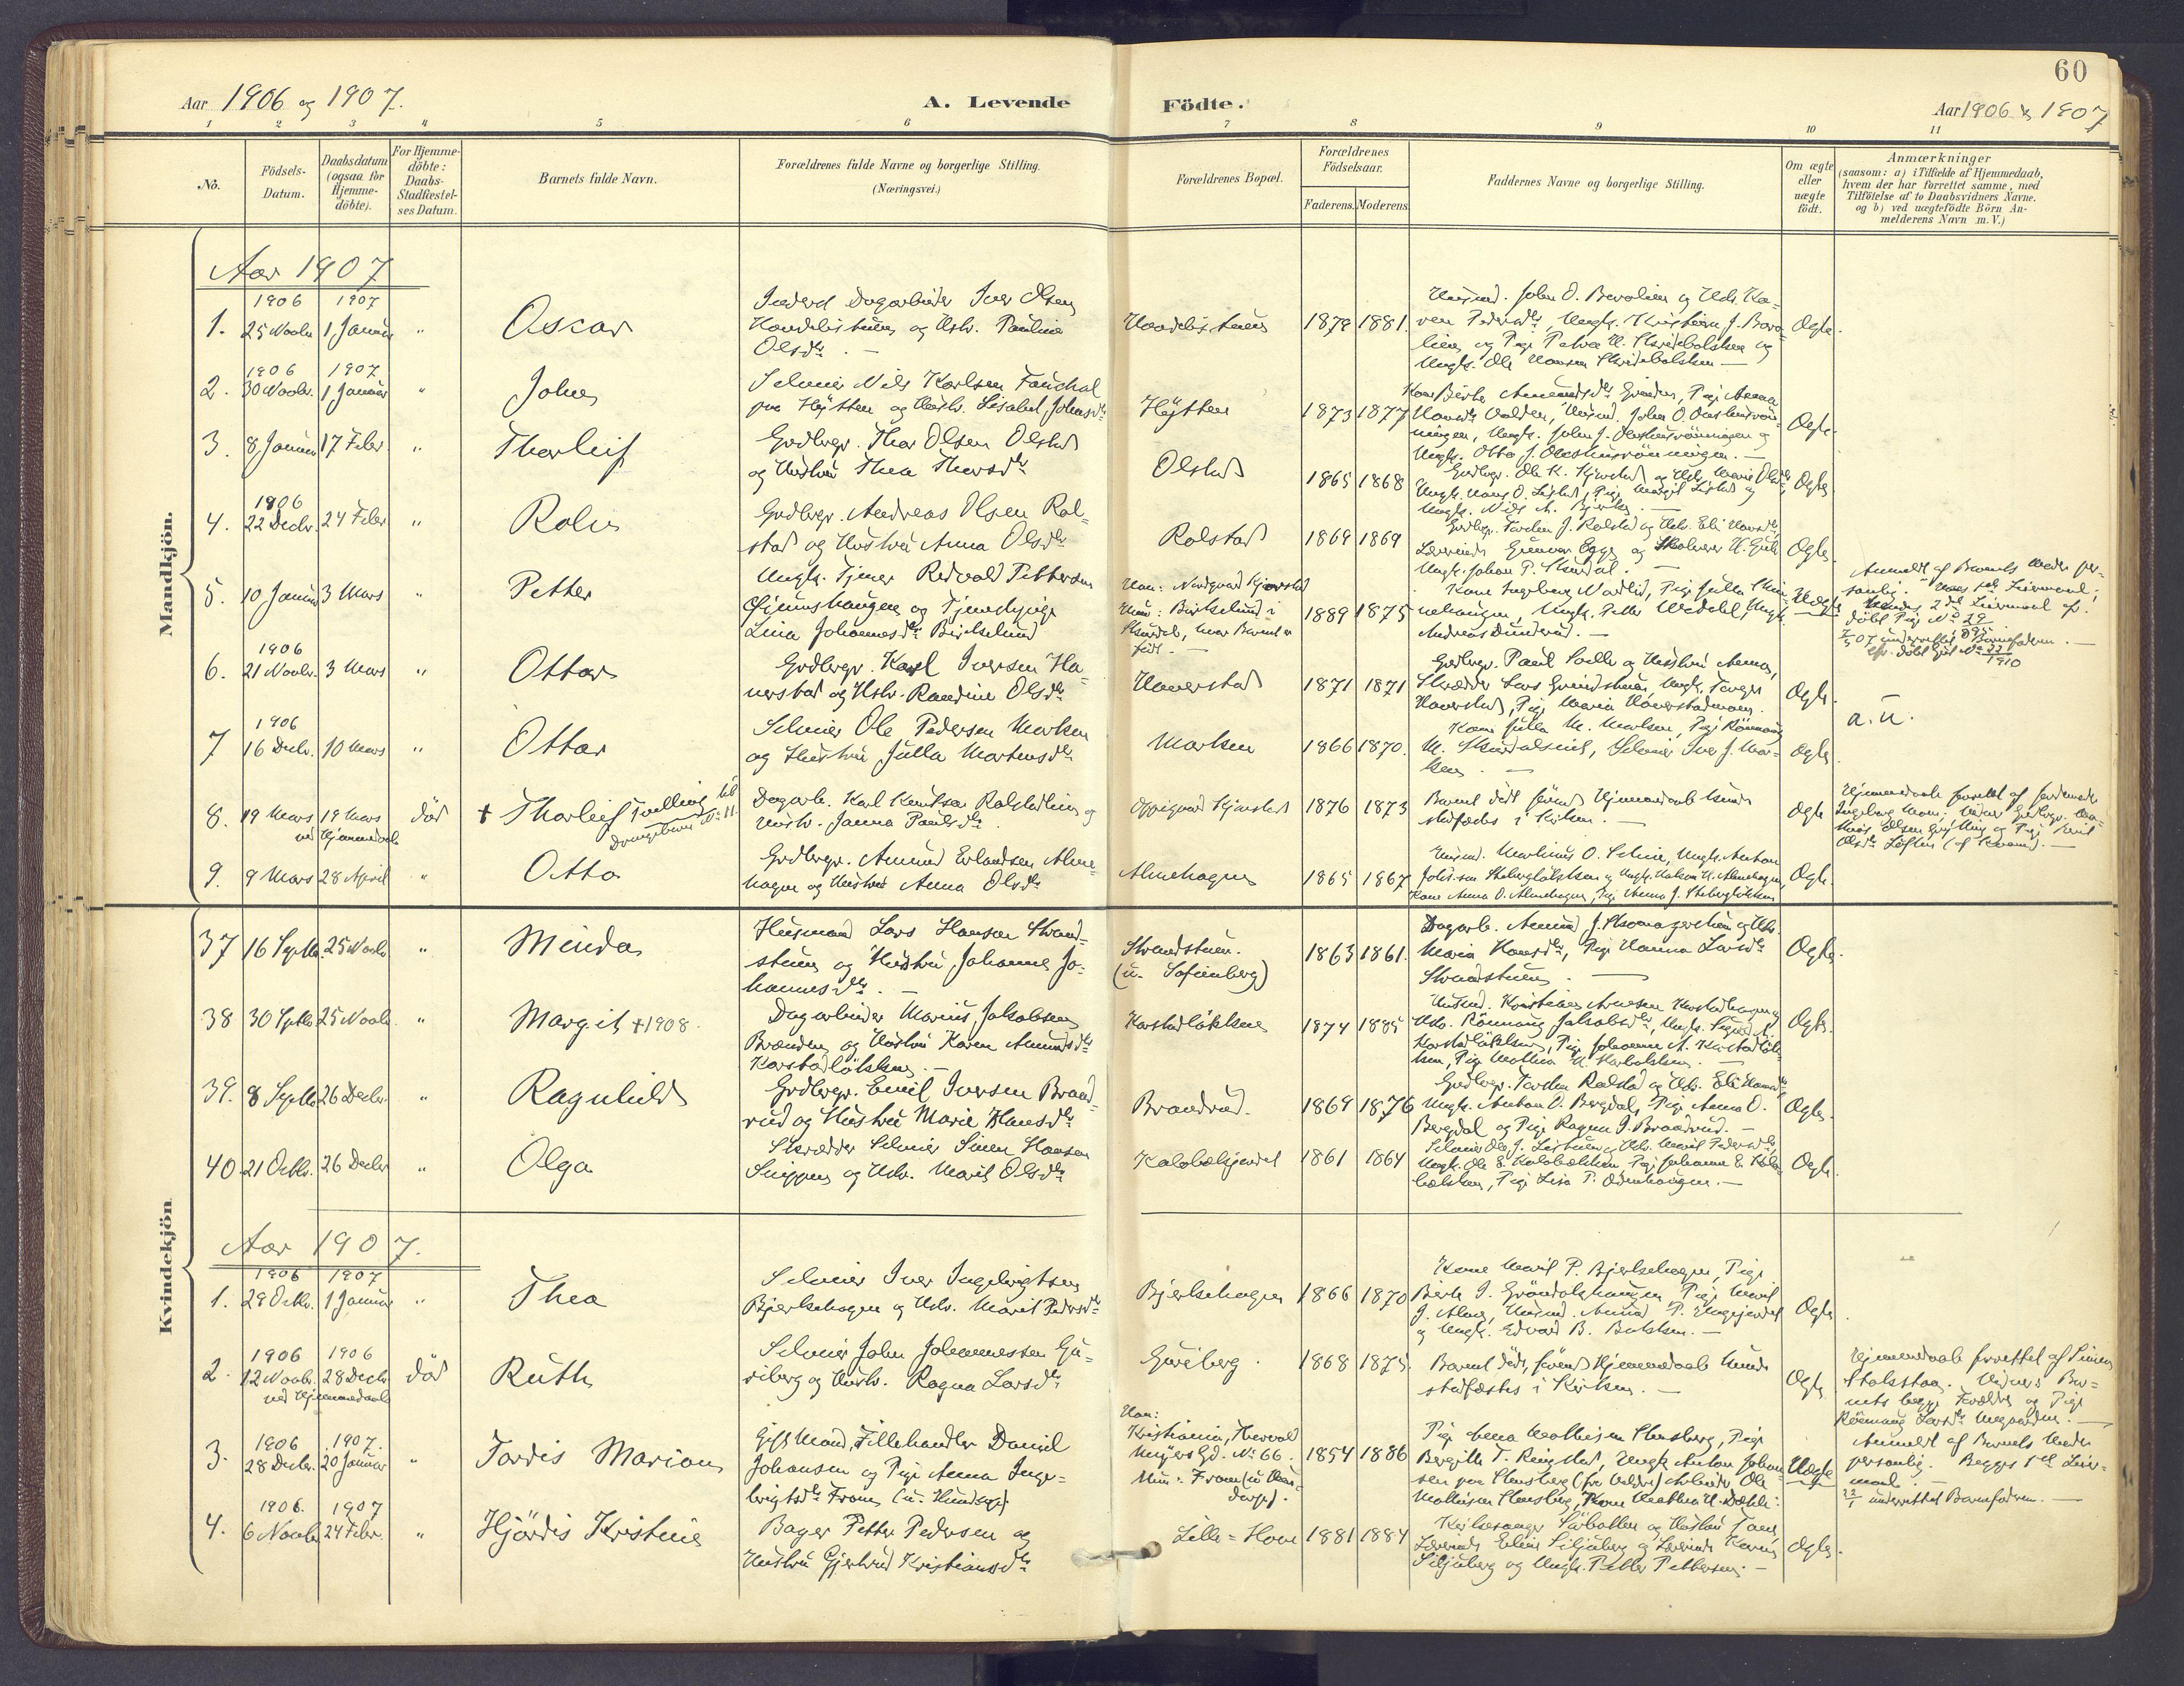 SAH, Sør-Fron prestekontor, H/Ha/Haa/L0004: Parish register (official) no. 4, 1898-1919, p. 60